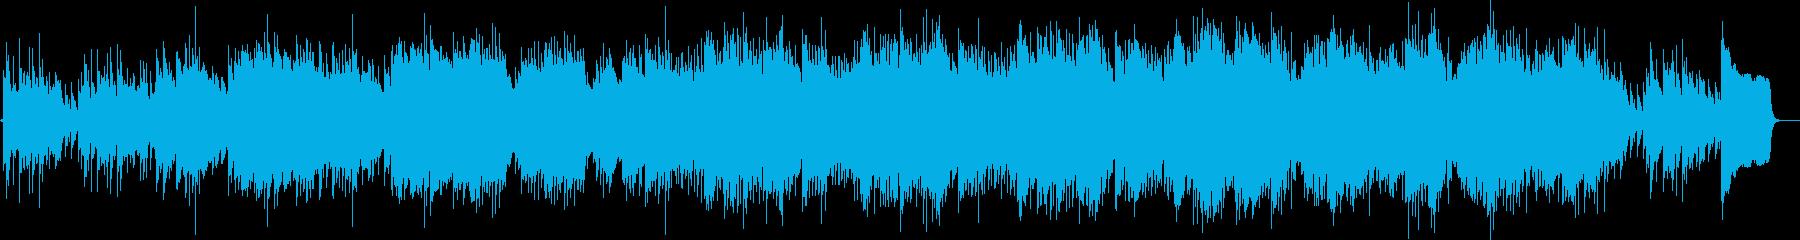 ミステリアスなマリンバのBGMの再生済みの波形